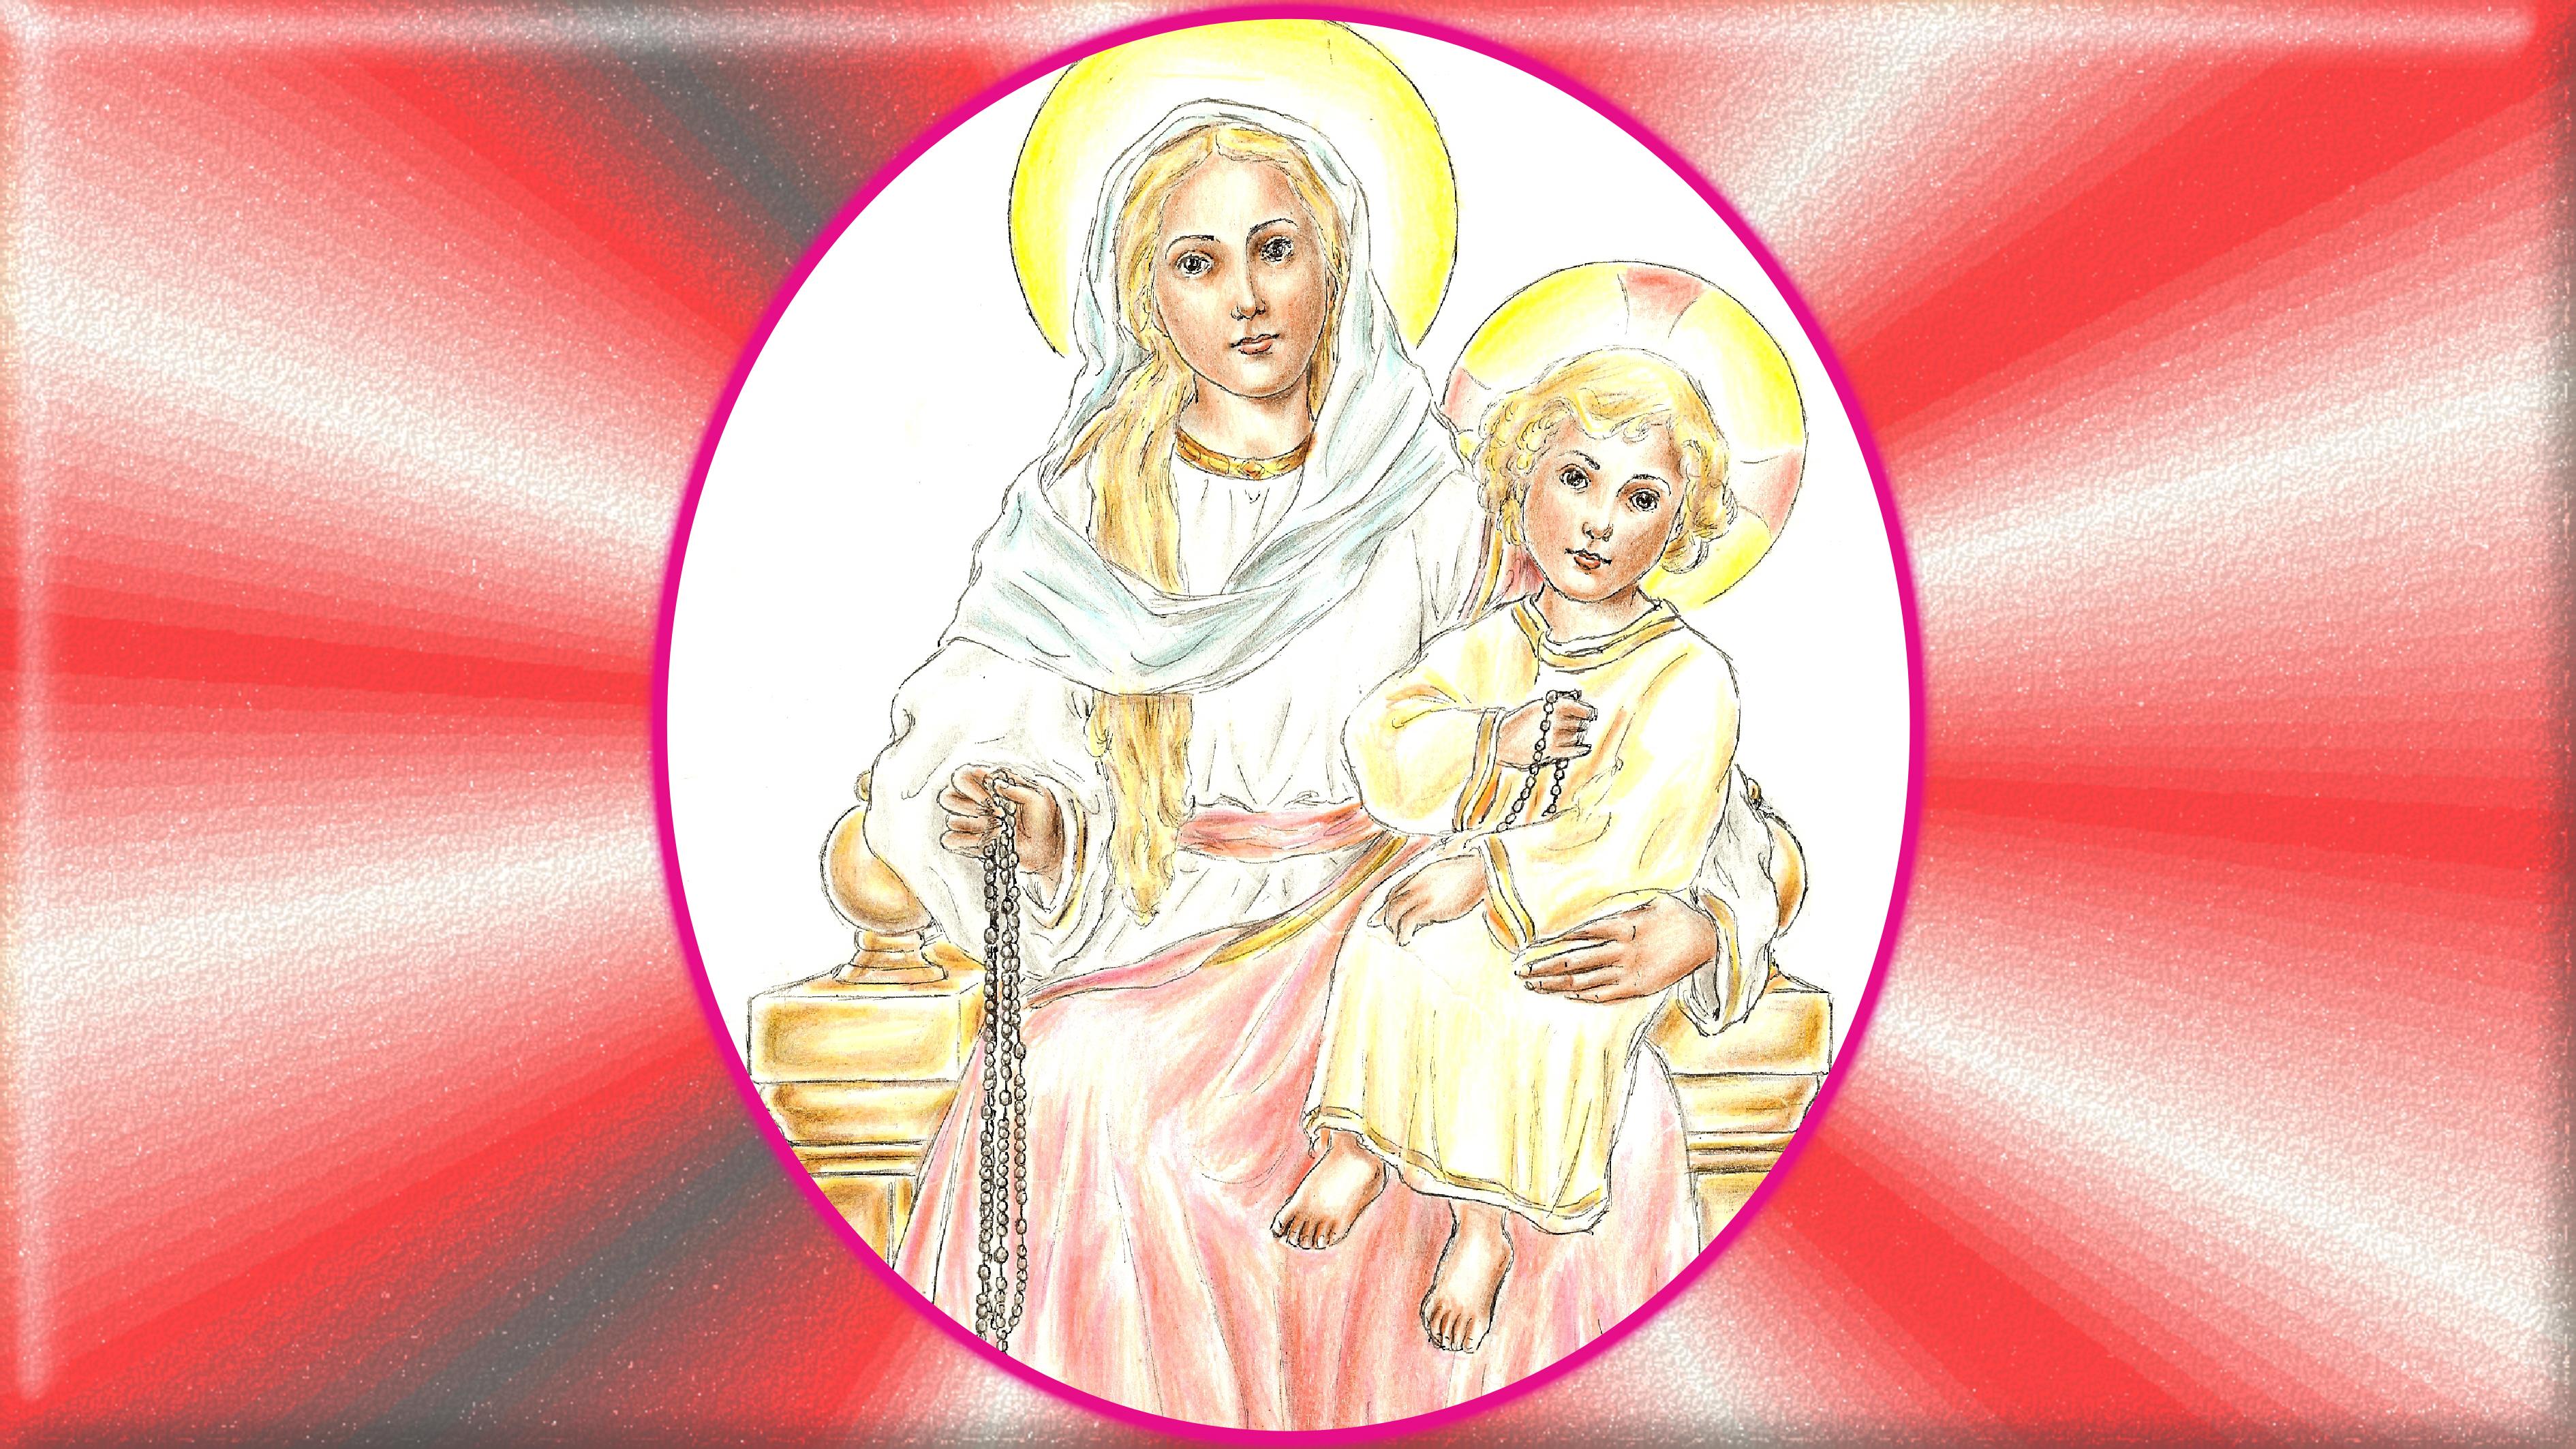 Le Rosaire en Images - Page 4 Notre-dame-du-rosaire-6--569736a